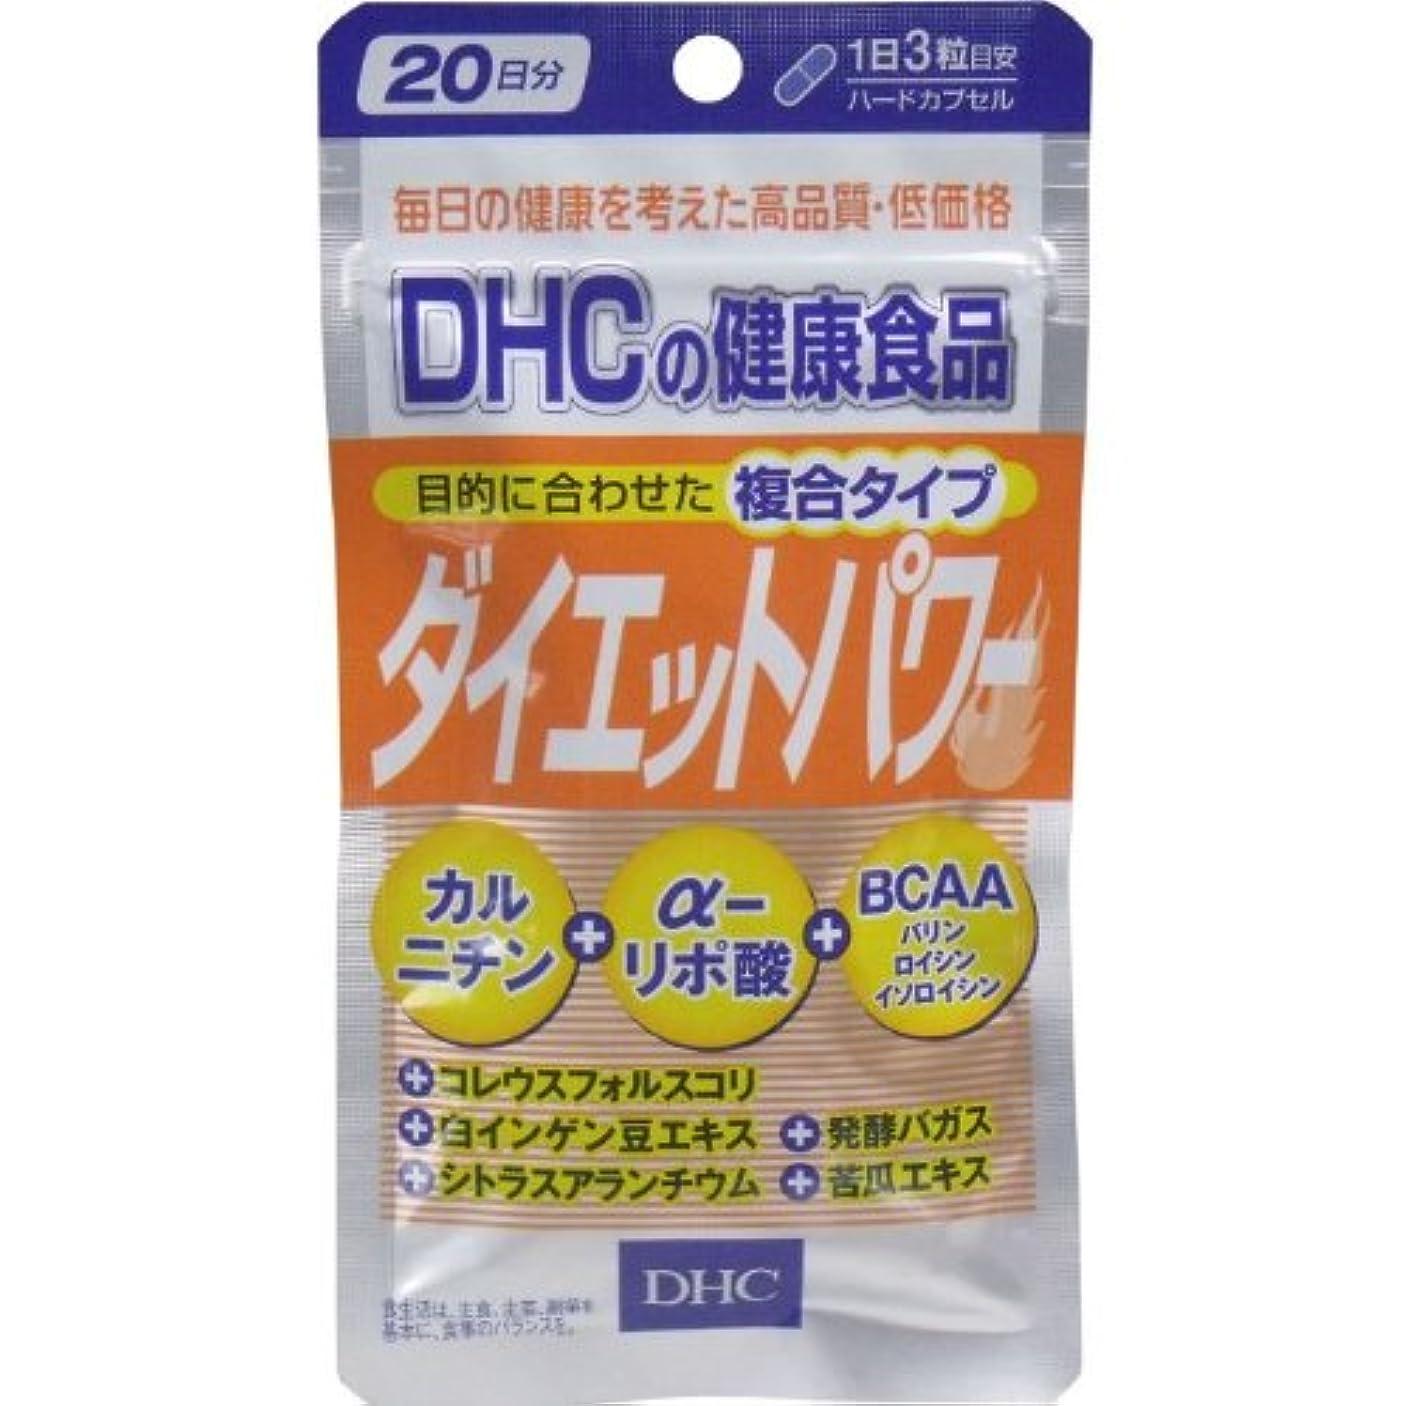 捕虜コード一目DHC ダイエットパワー 60粒入 20日分【3個セット】